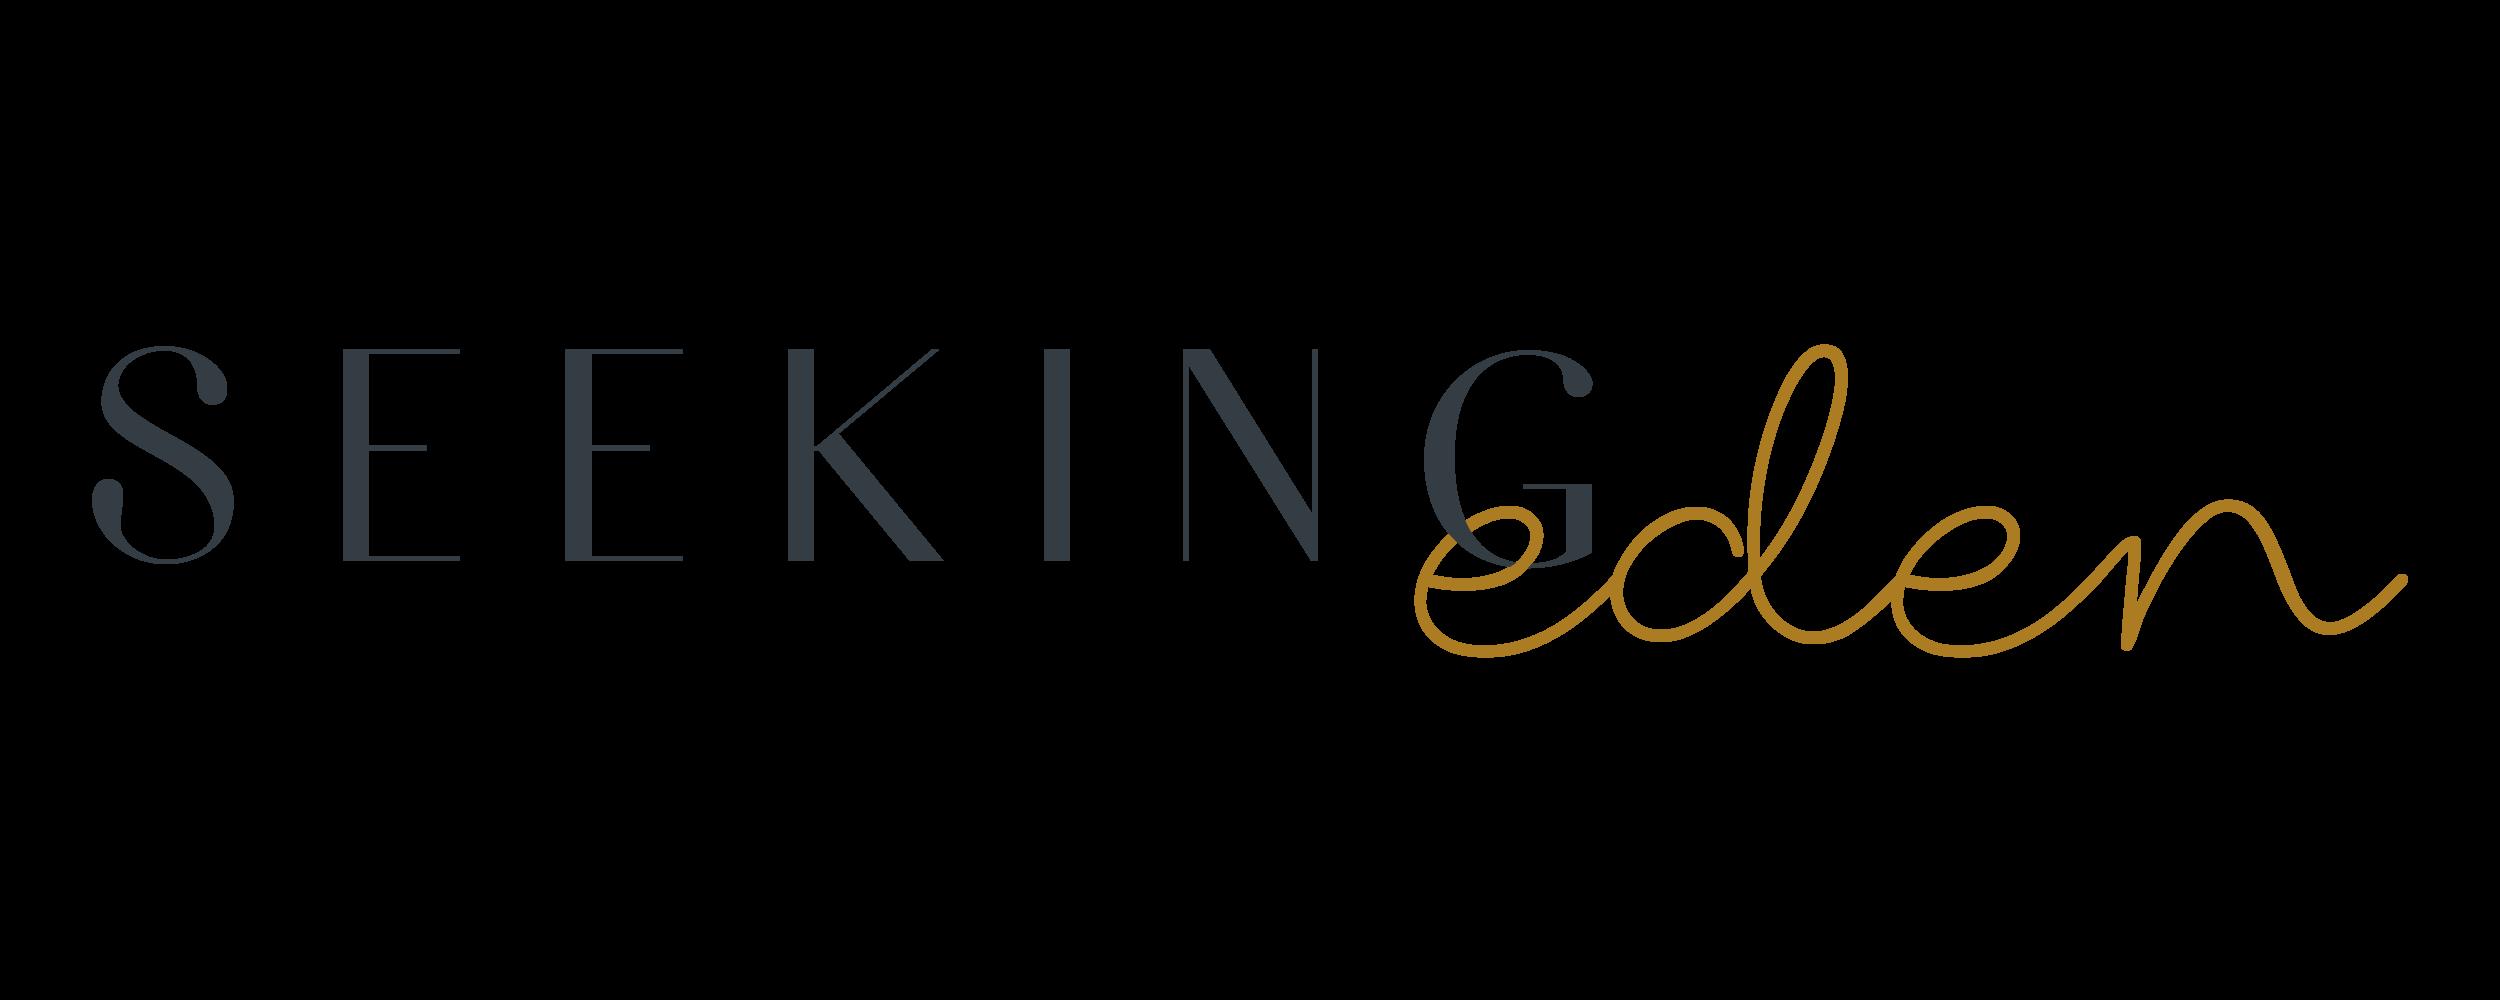 Seeking-Eden-primary-logo-web.png